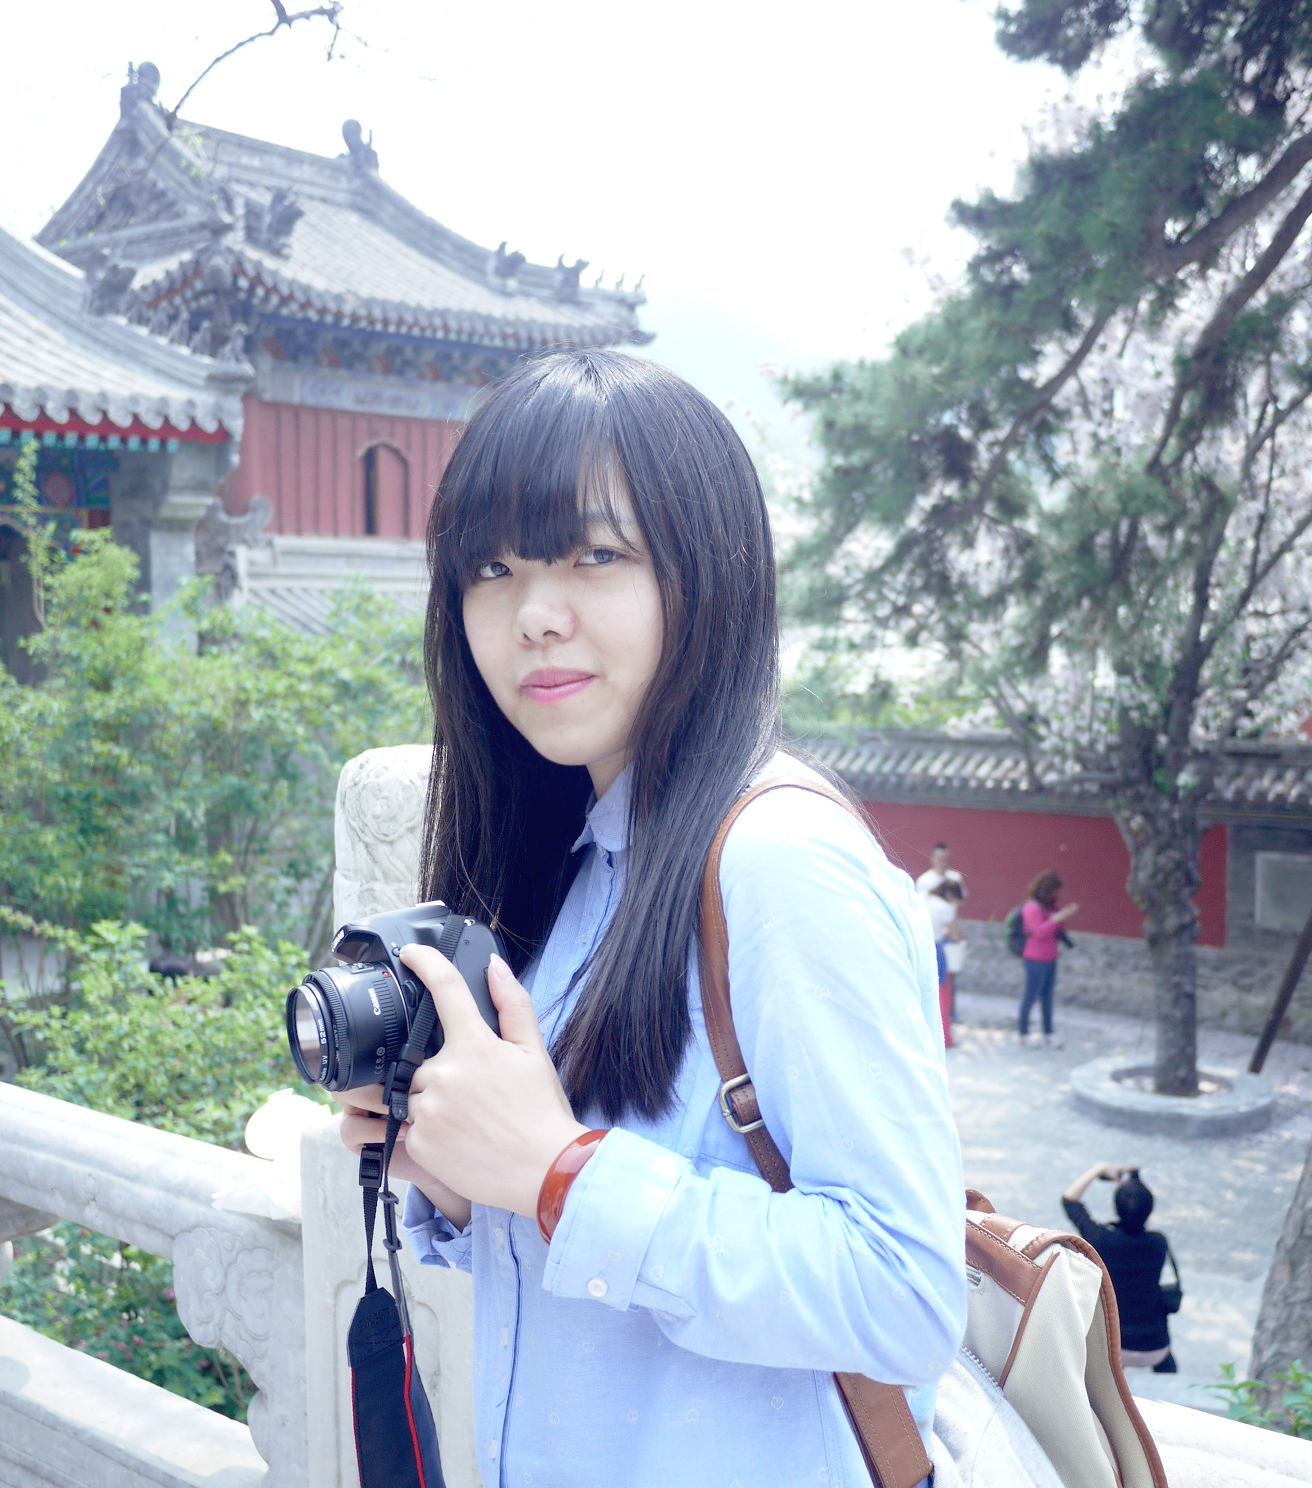 我的照片P1020913